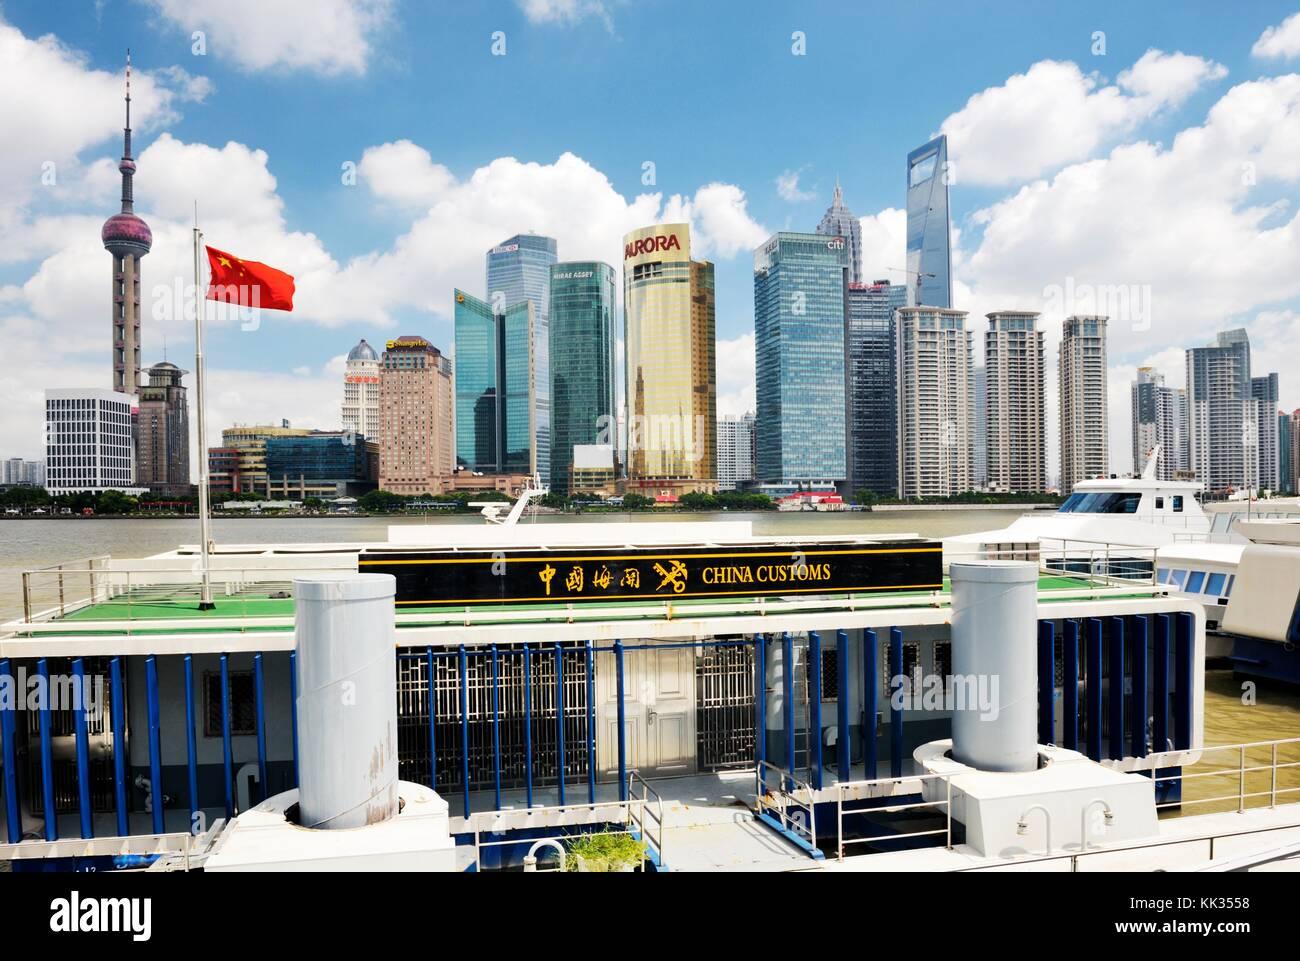 Pudong de Shanghai, Chine. vu dans l'horizon du fleuve Huangpu à partir du bureau de douane de la Chine Photo Stock